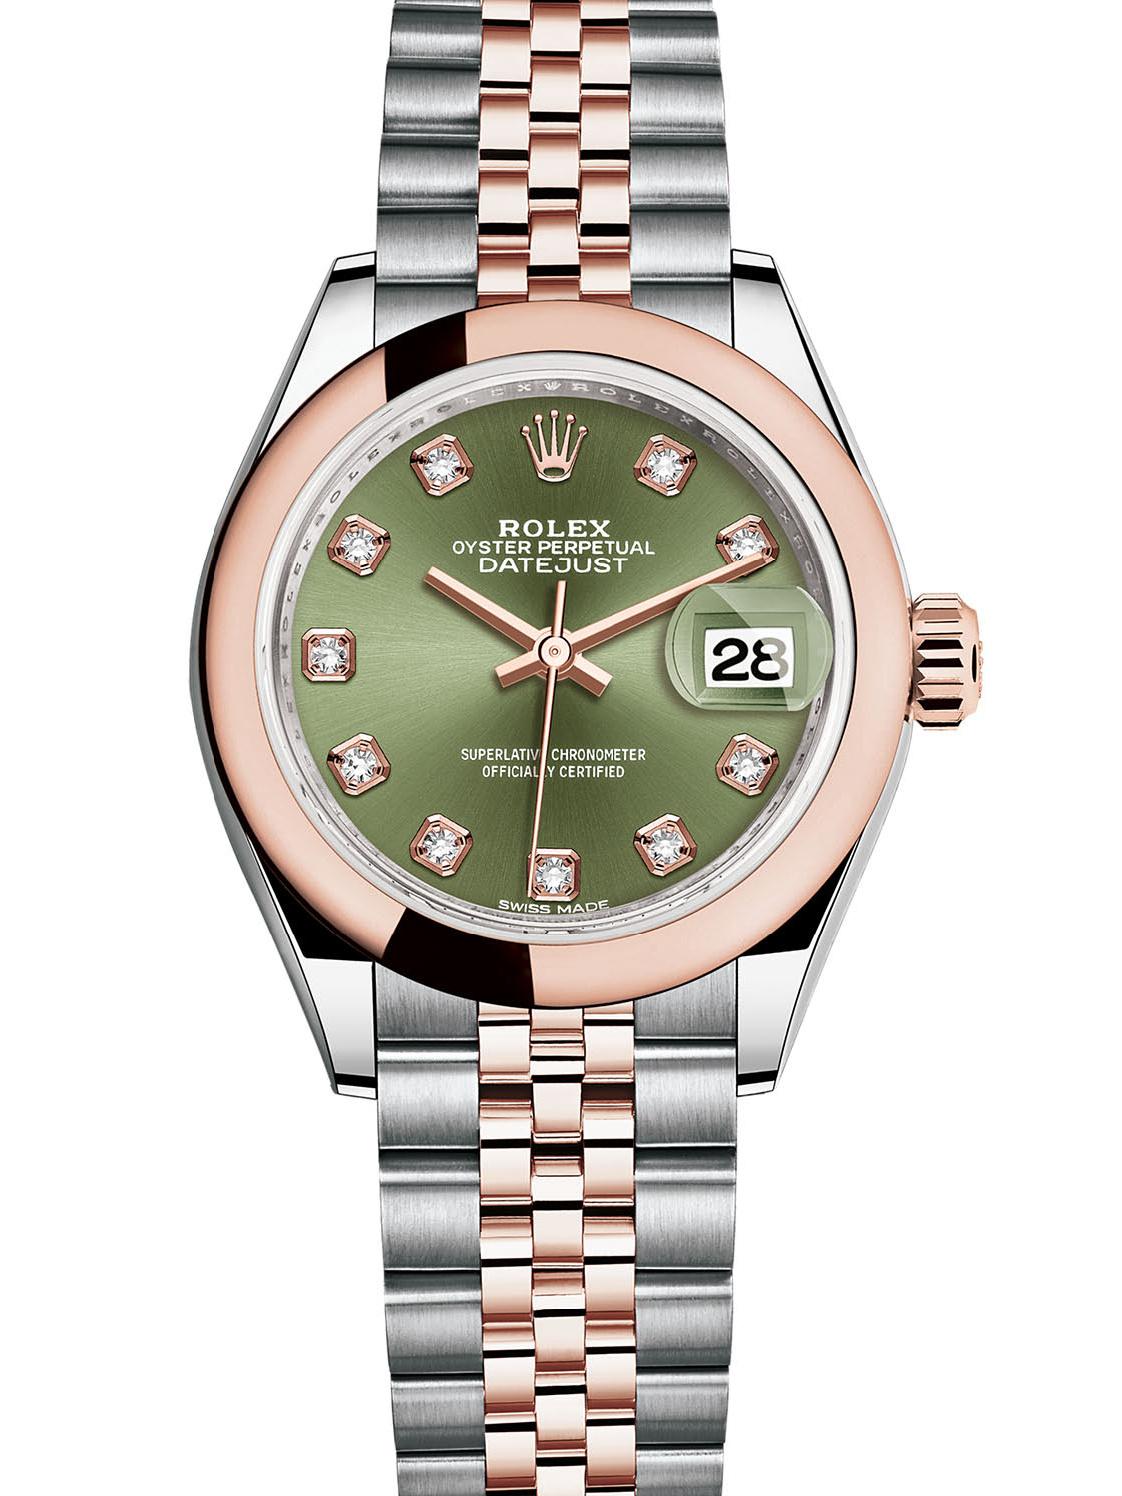 劳力士女装日志型28玫瑰金钢绿面钻标女表279161-0007